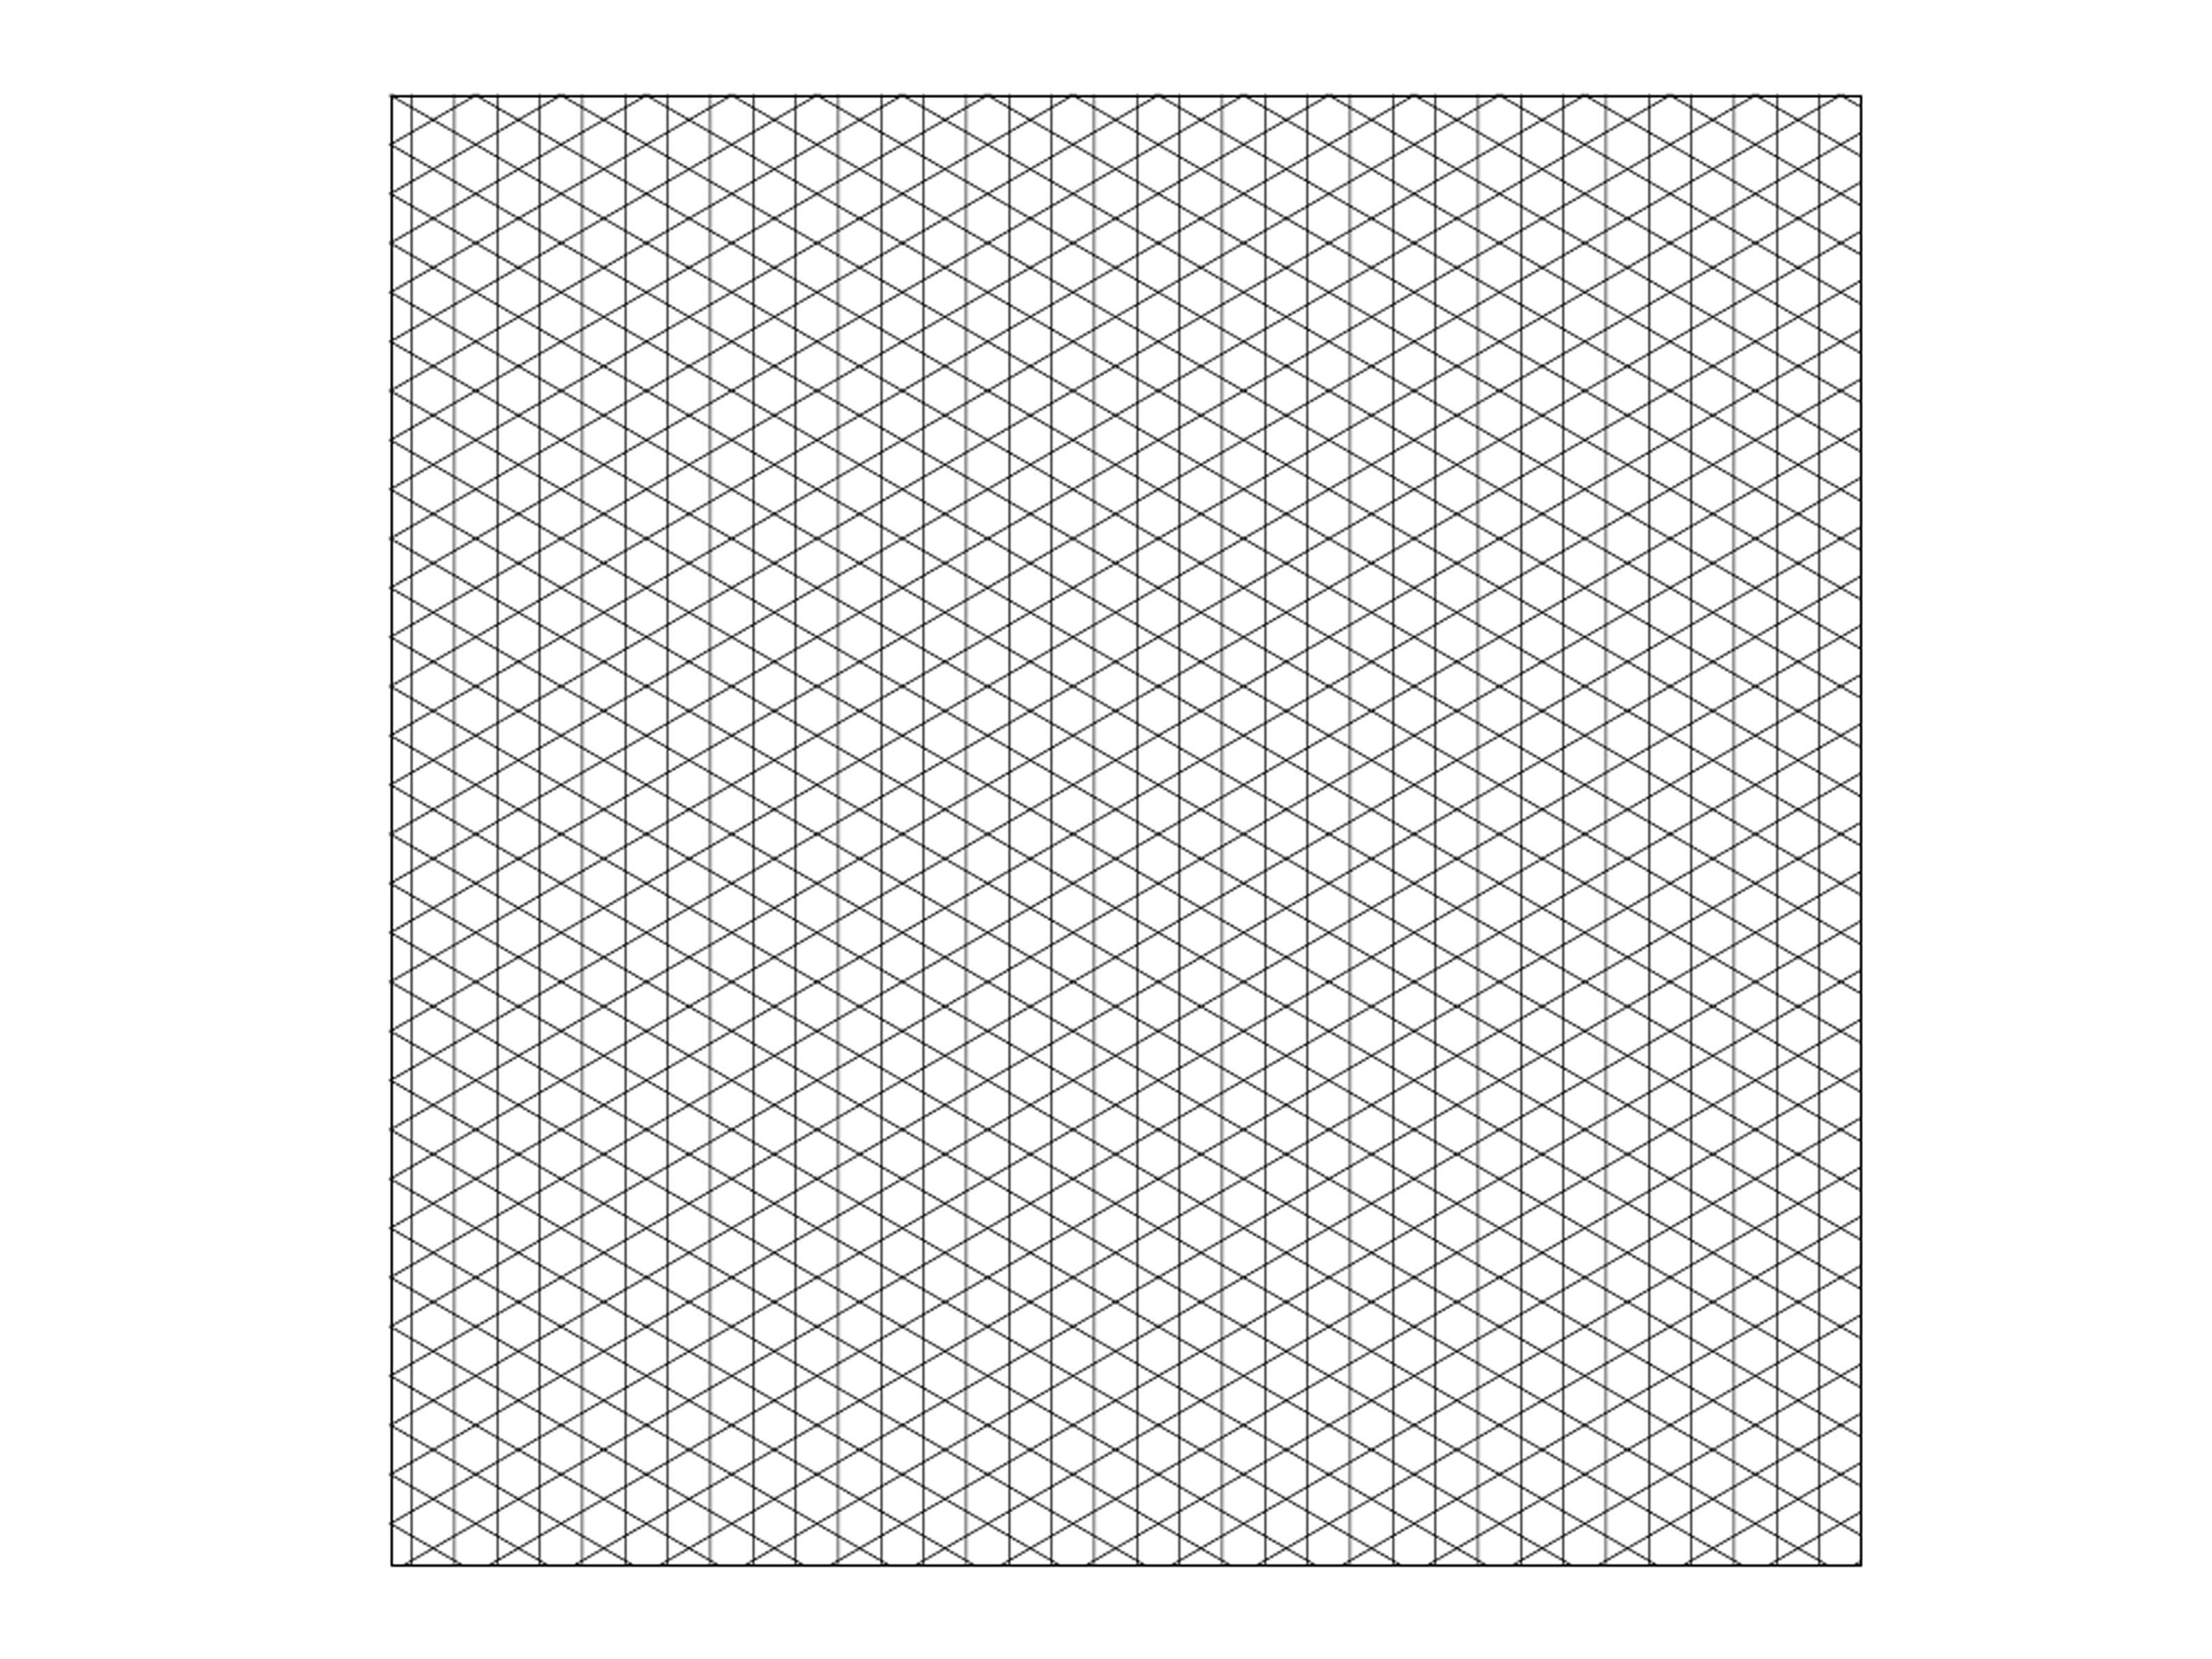 crear una cuadrícula isométrica en Adobe Illustrator | Isometric ...